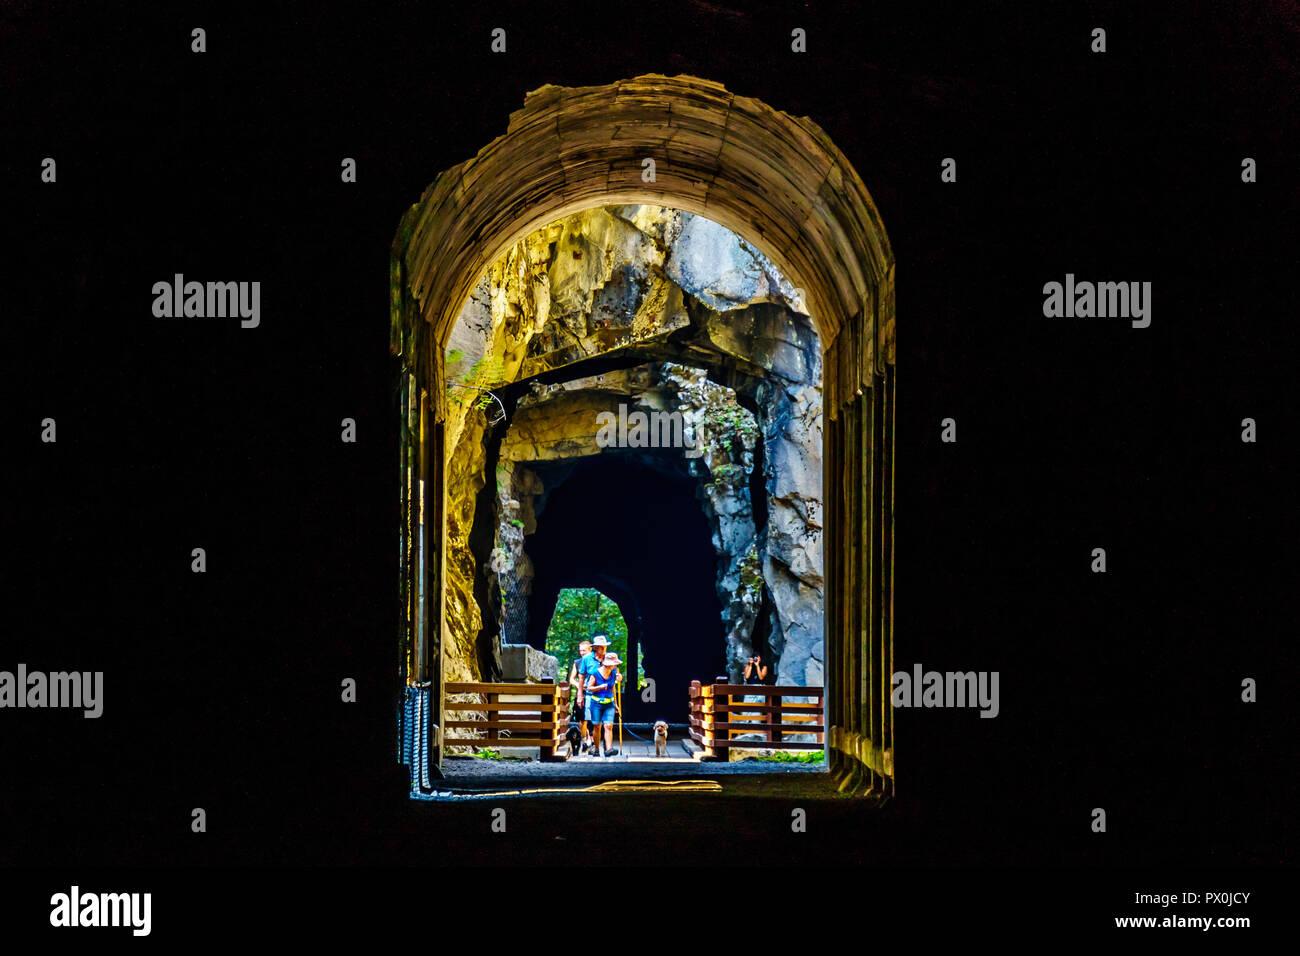 Les touristes marche dans les tunnels d'Othello qui ont été sculptés par la Coquihalla Canyon pour le chemin de fer de Kettle Valley maintenant abandonnée à Hope, C.-B., Canada Banque D'Images